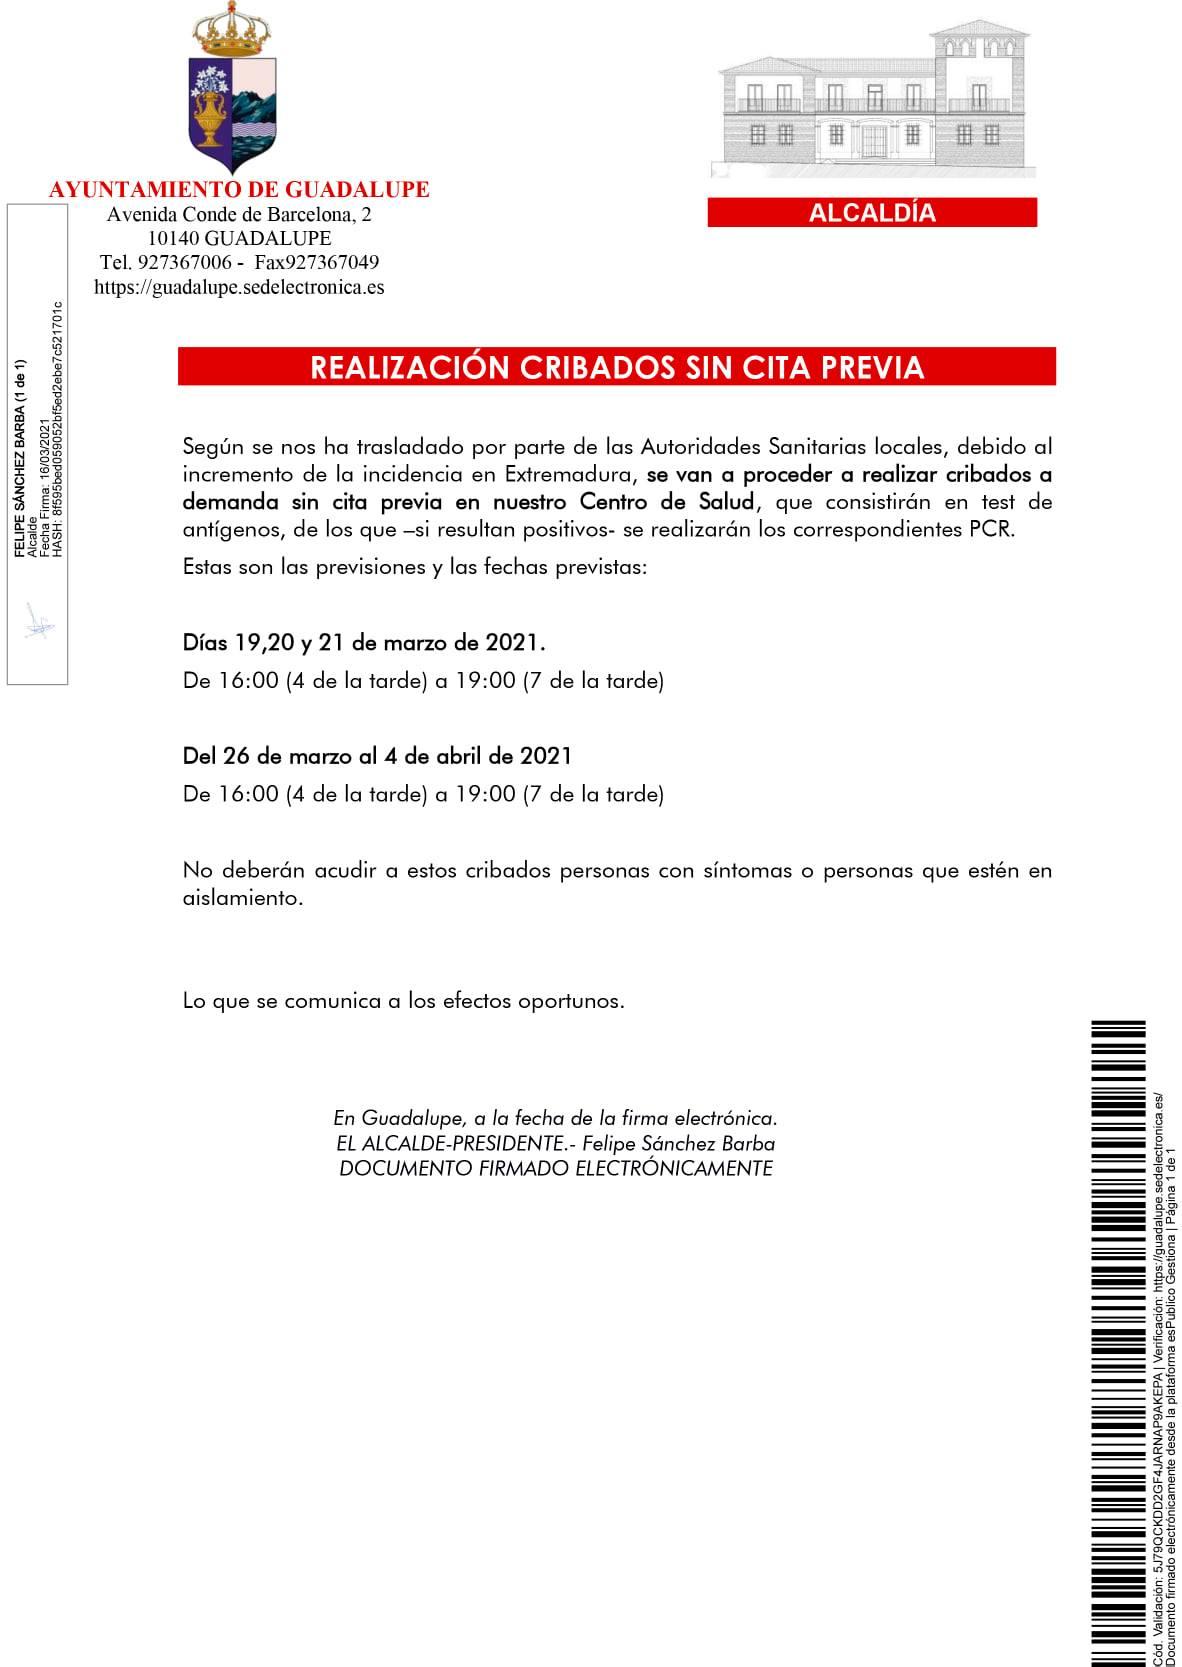 Realización de cribados de COVID-19 (marzo y abril 2021) - Guadalupe (Cáceres)